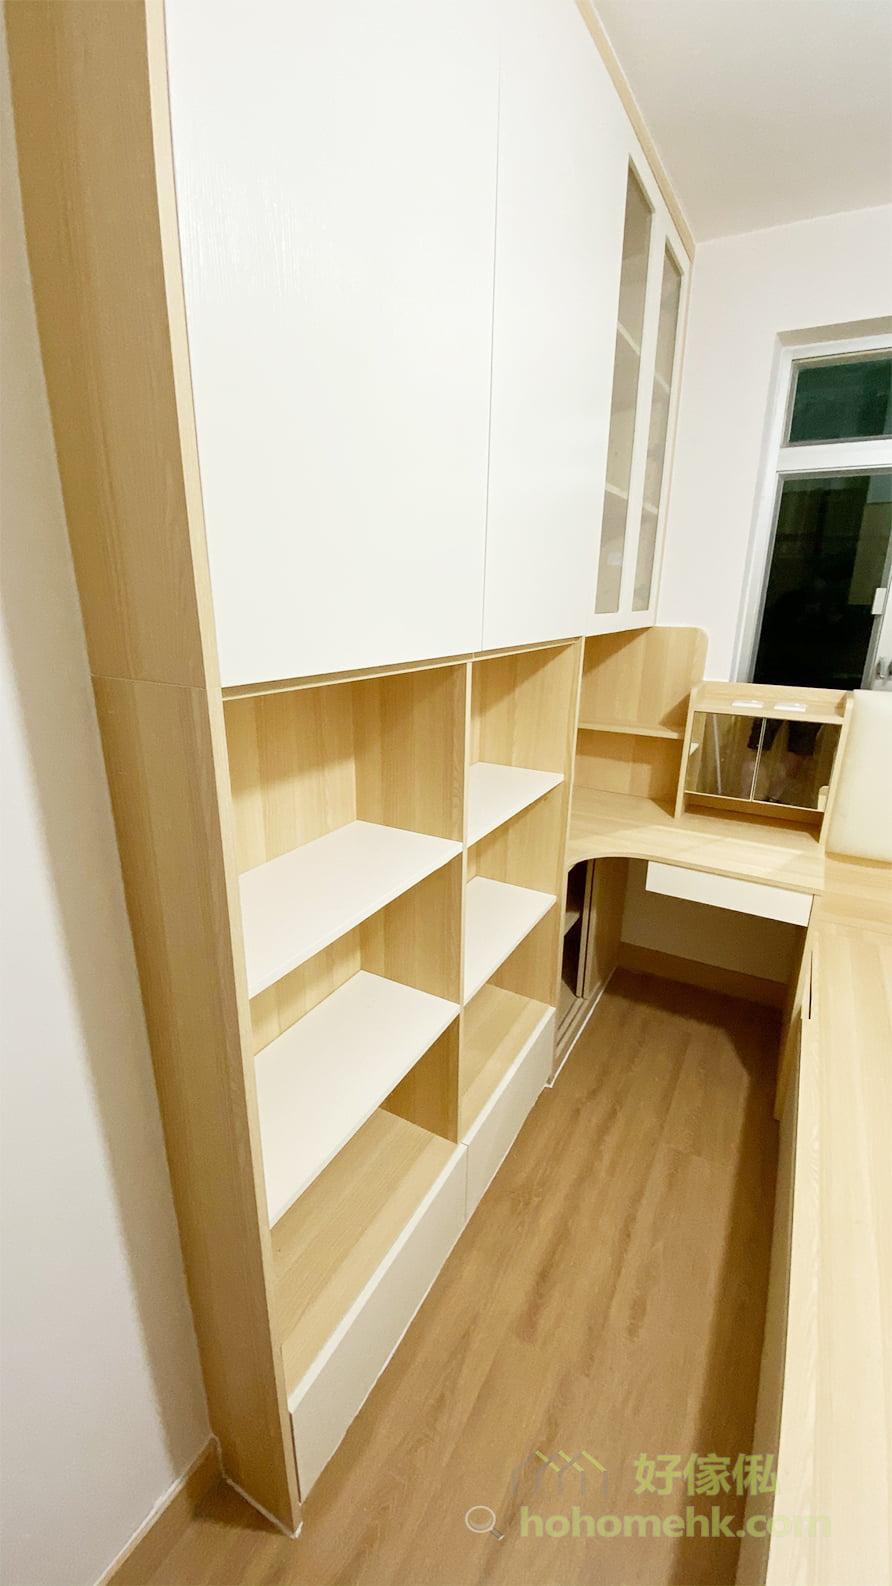 睡房的通道既是上落床的地方,也是使用儲物櫃時的重要通道及擺櫈的位置,最好預留比較寬敞的通道,使用起來會更順通和好行,電腦椅要搬出搬入也更加方便